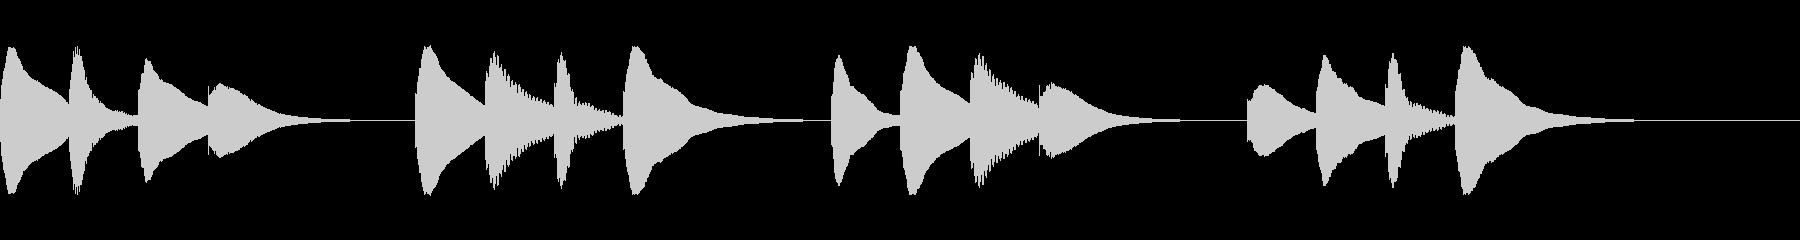 学校のチャイムの未再生の波形